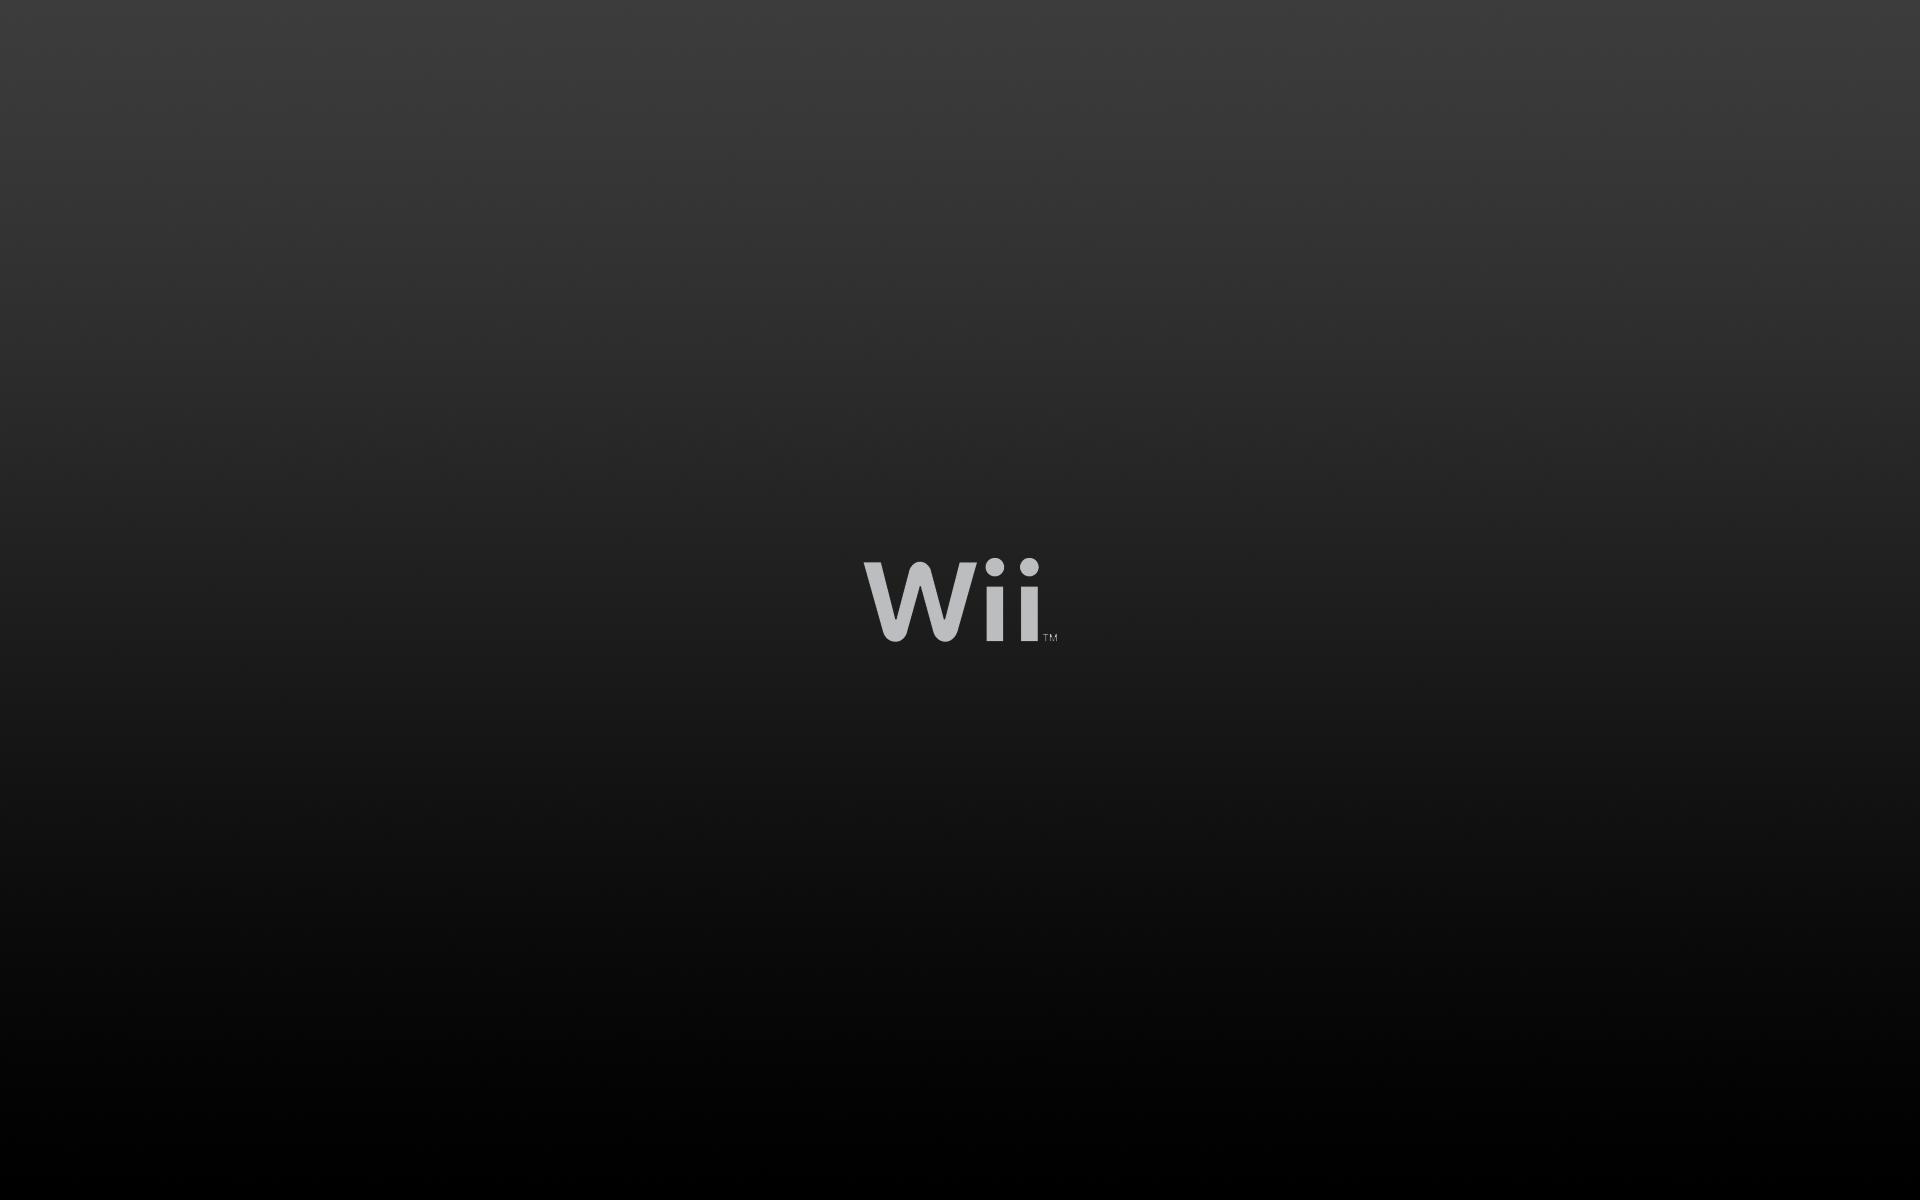 Wii Black 1920x1200 by xpz123